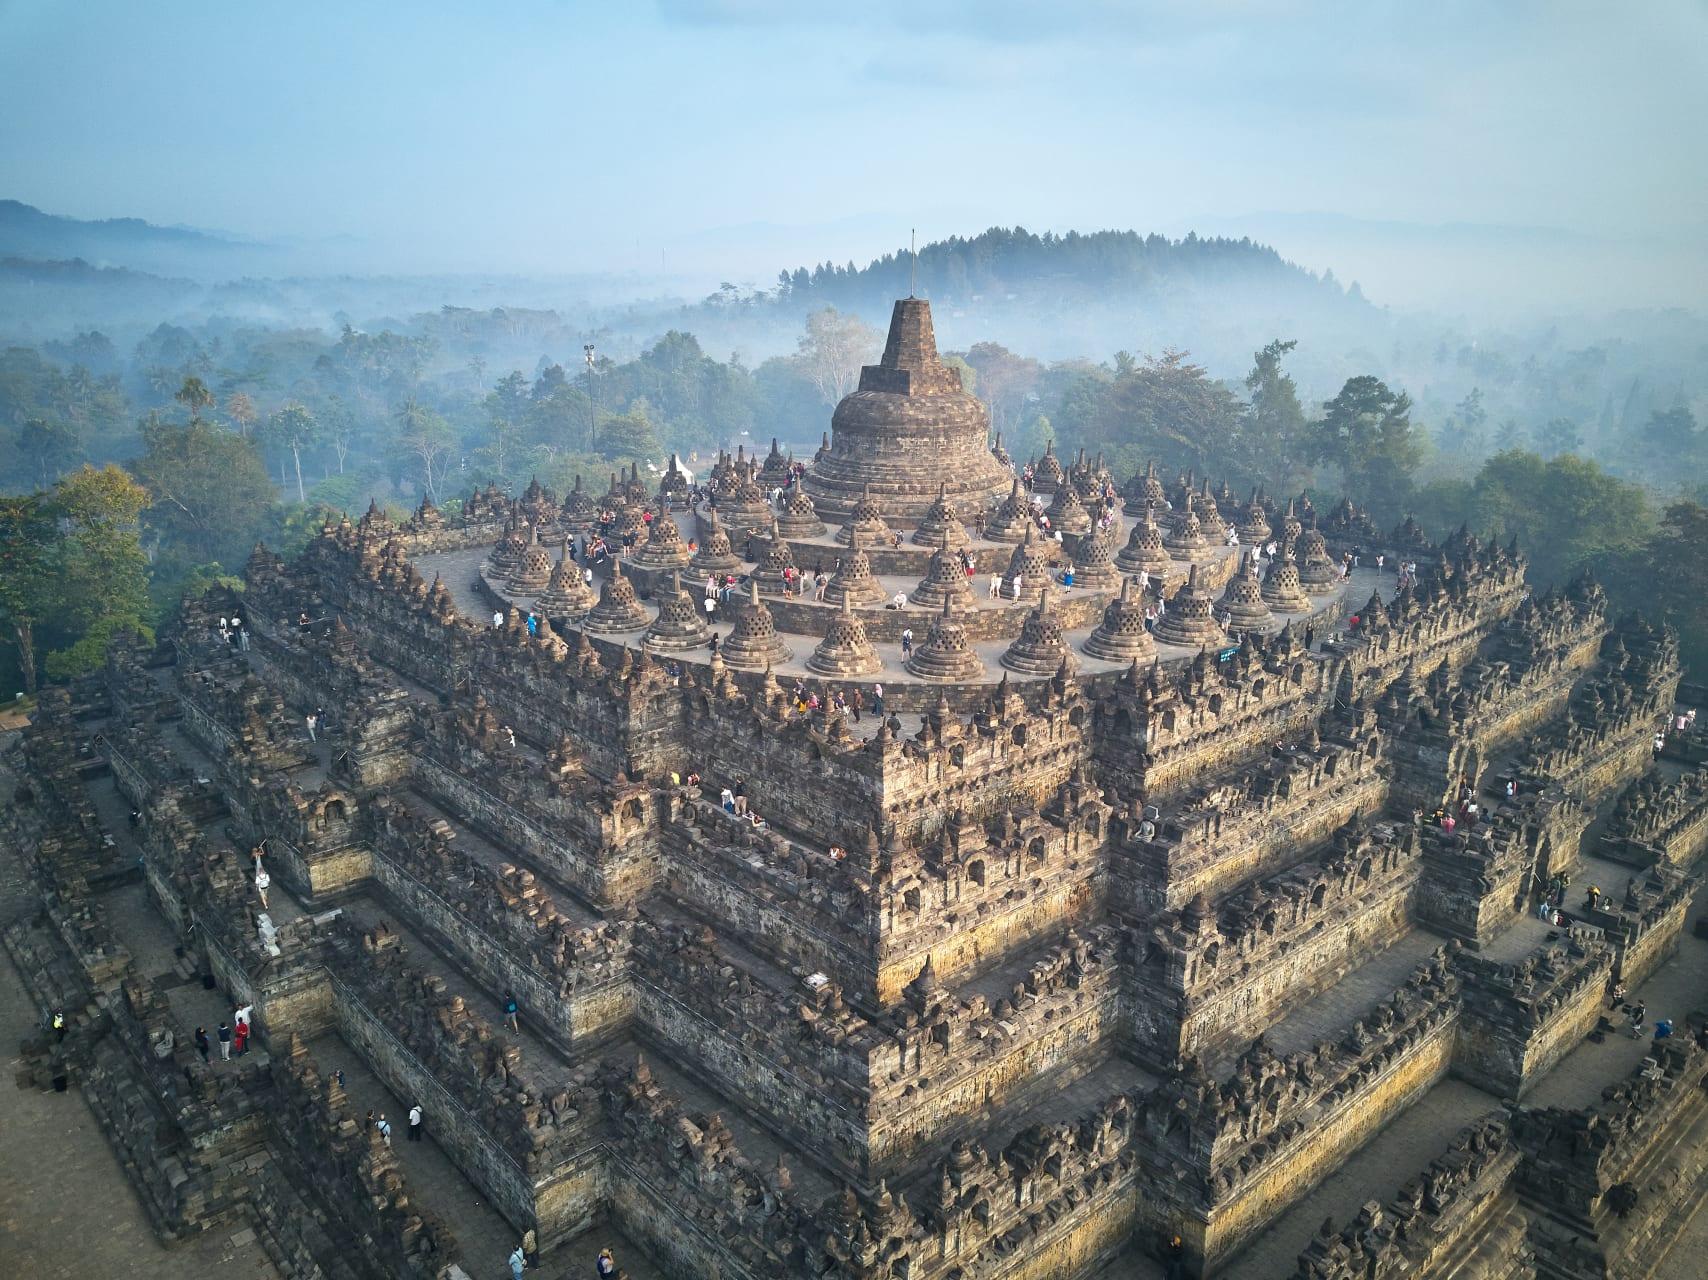 Yogyakarta - Borobudur : The World's Largest Buddhist Monument